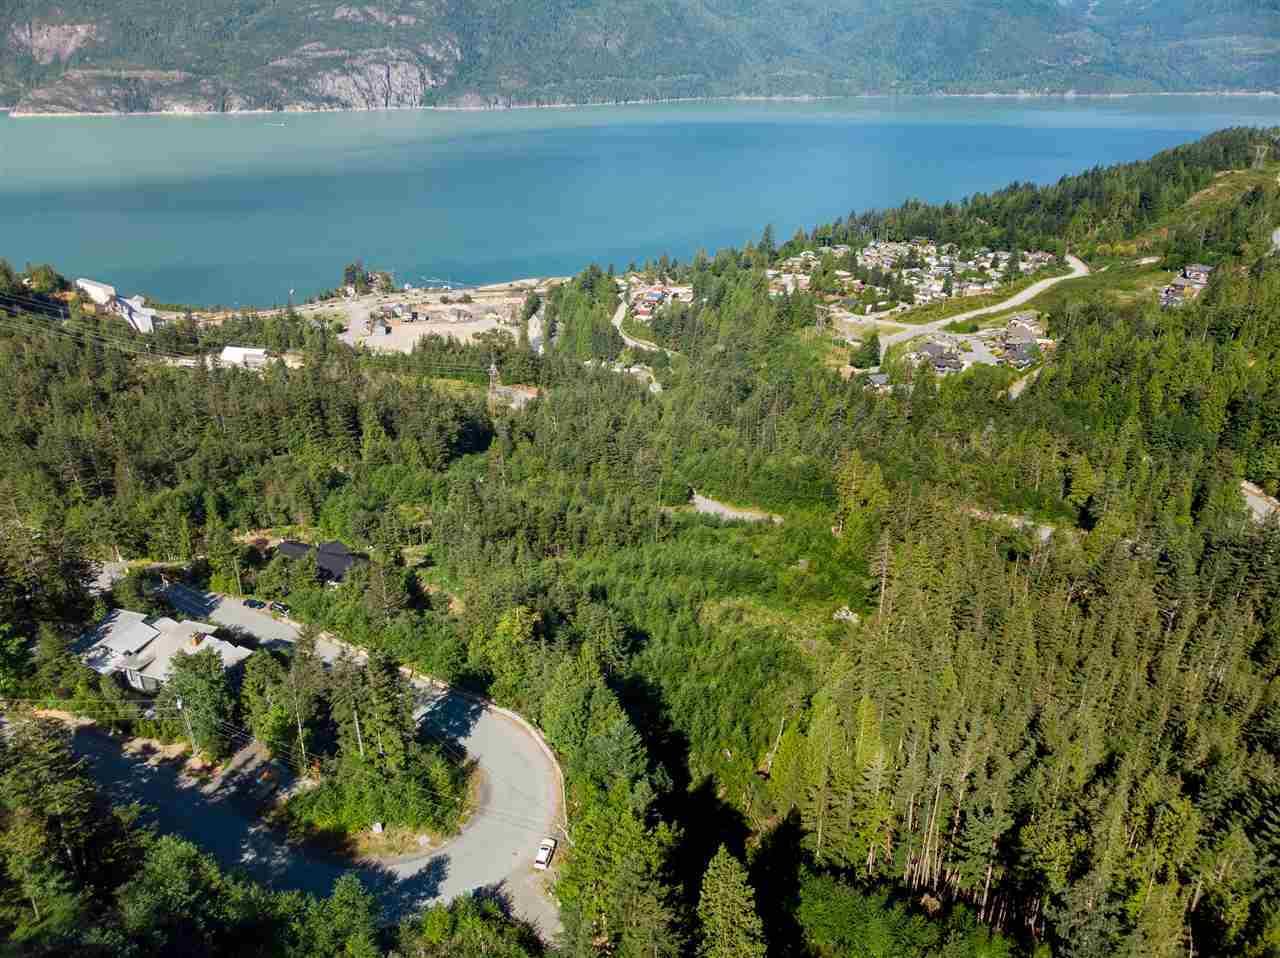 1121-copper-drive-britannia-beach-squamish-08 at 1121 Copper Drive, Britannia Beach, Squamish